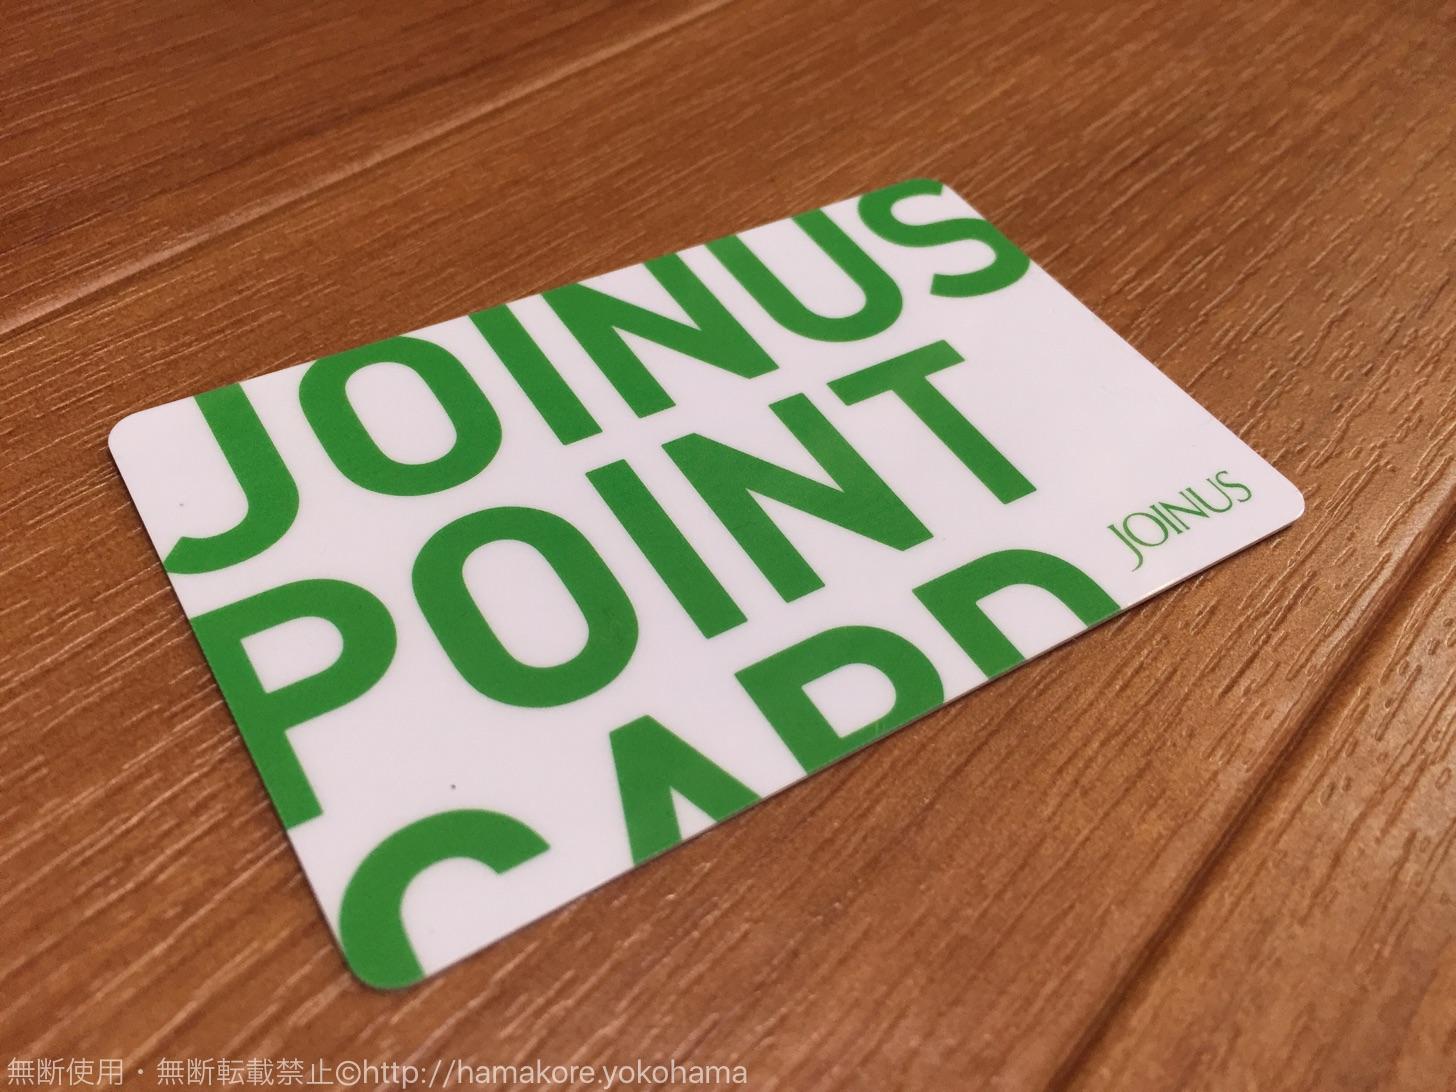 ジョイナスポイントカードは入会金・年会費が無料!